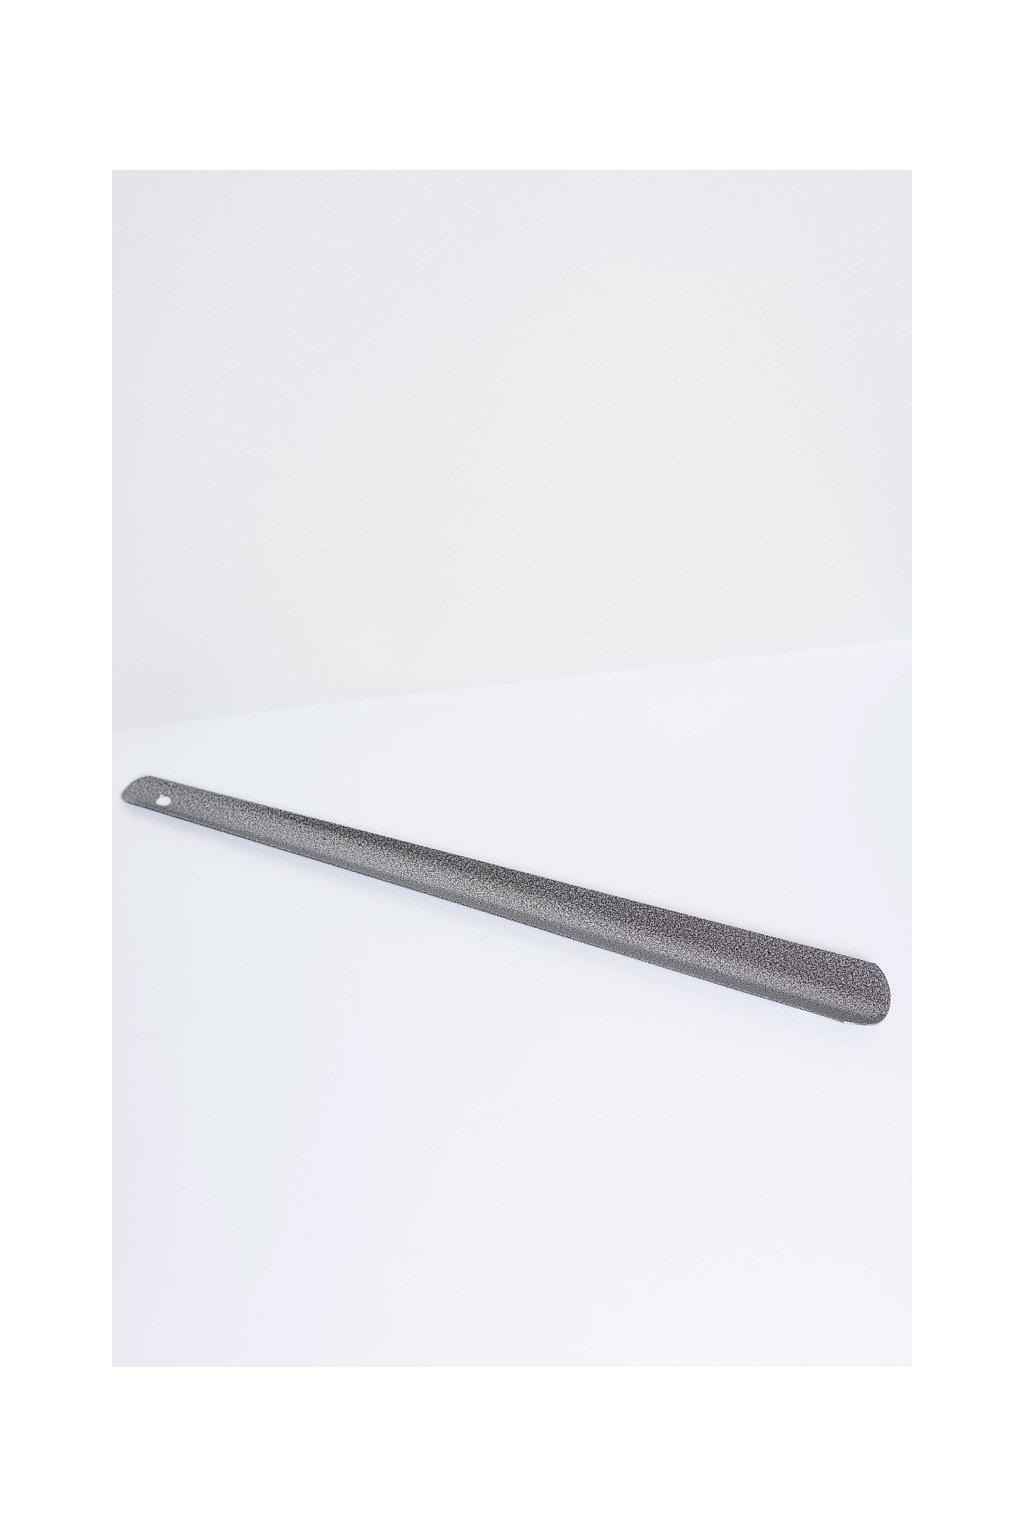 Obuvák kód 623/02/450 ŁYŻKA METAL 45cm